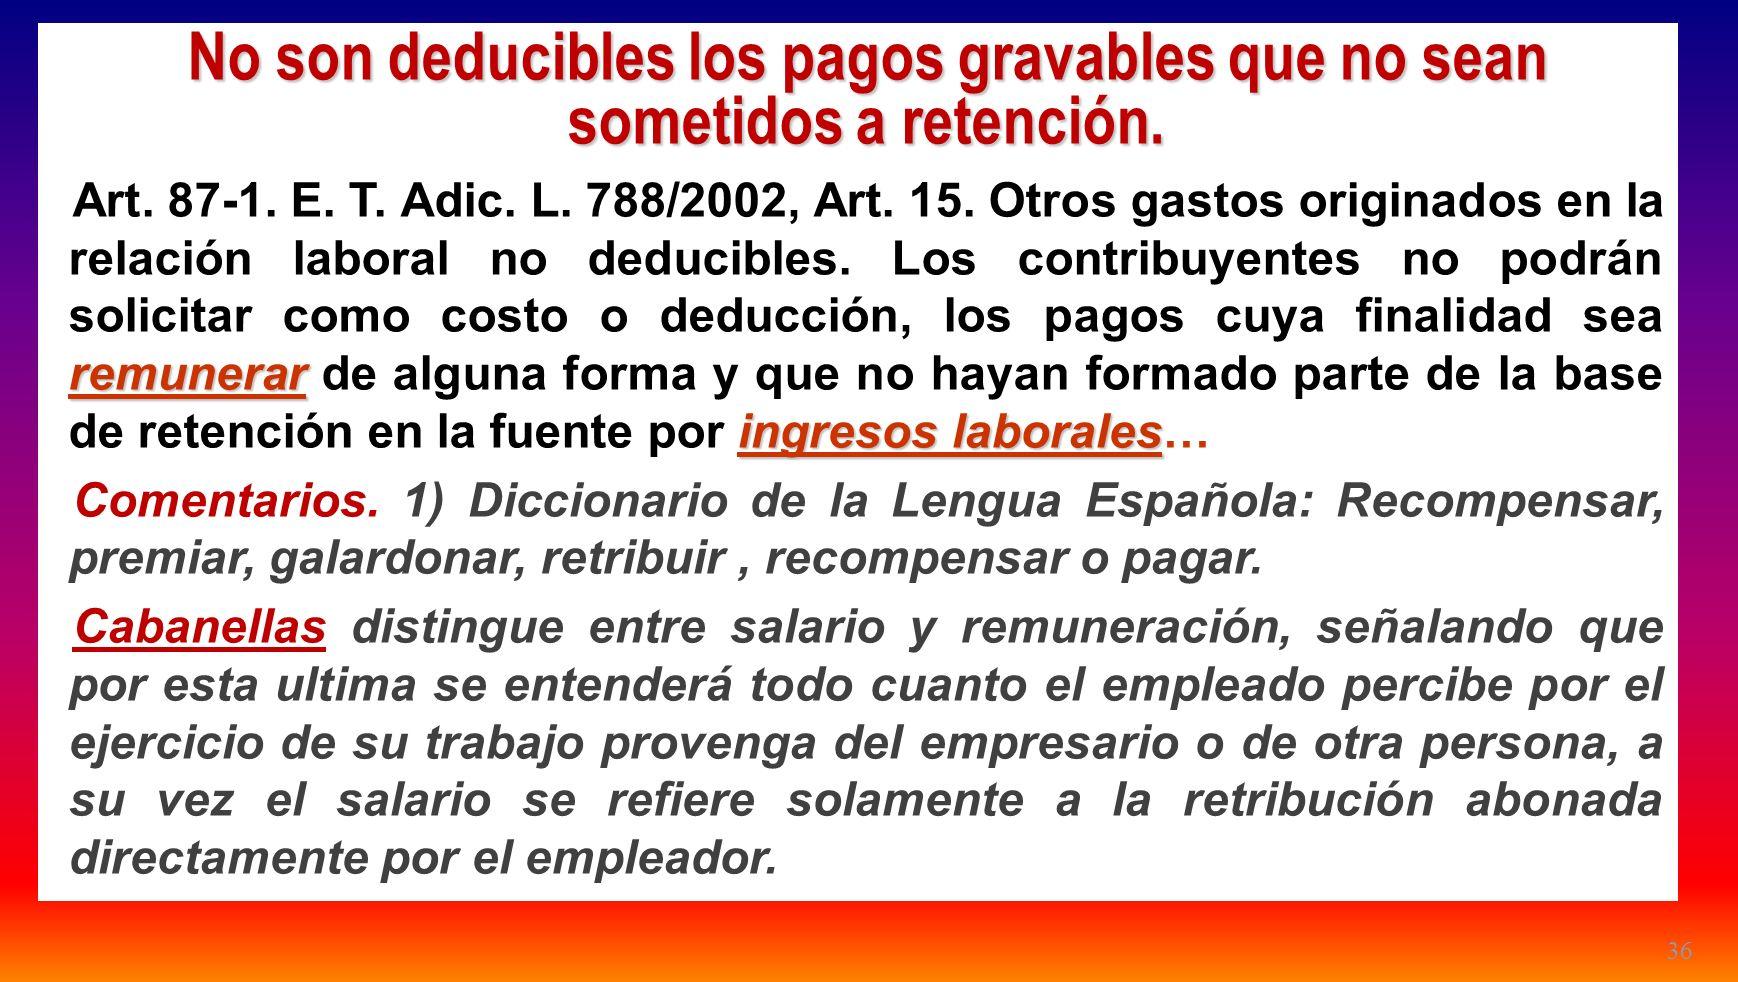 36 No son deducibles los pagos gravables que no sean sometidos a retención. remunerar ingresos laborales Art. 87-1. E. T. Adic. L. 788/2002, Art. 15.